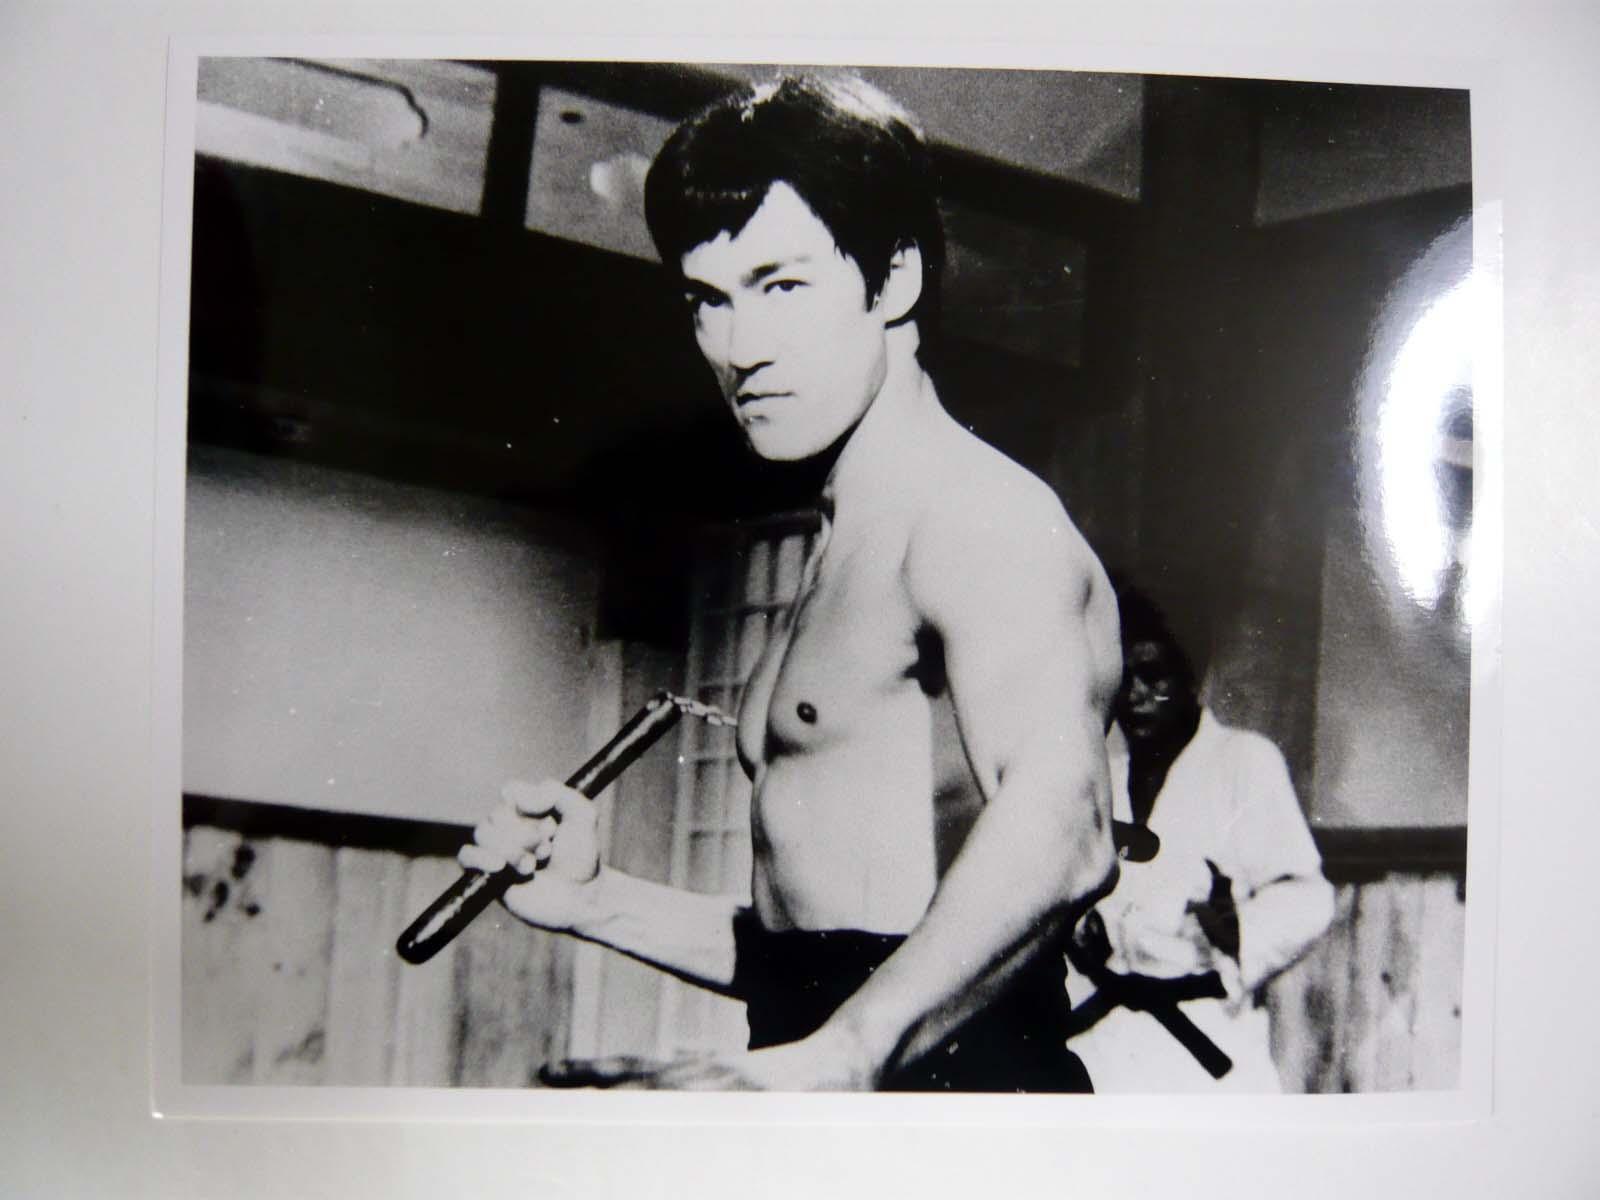 ブルース・リーの画像 p1_25